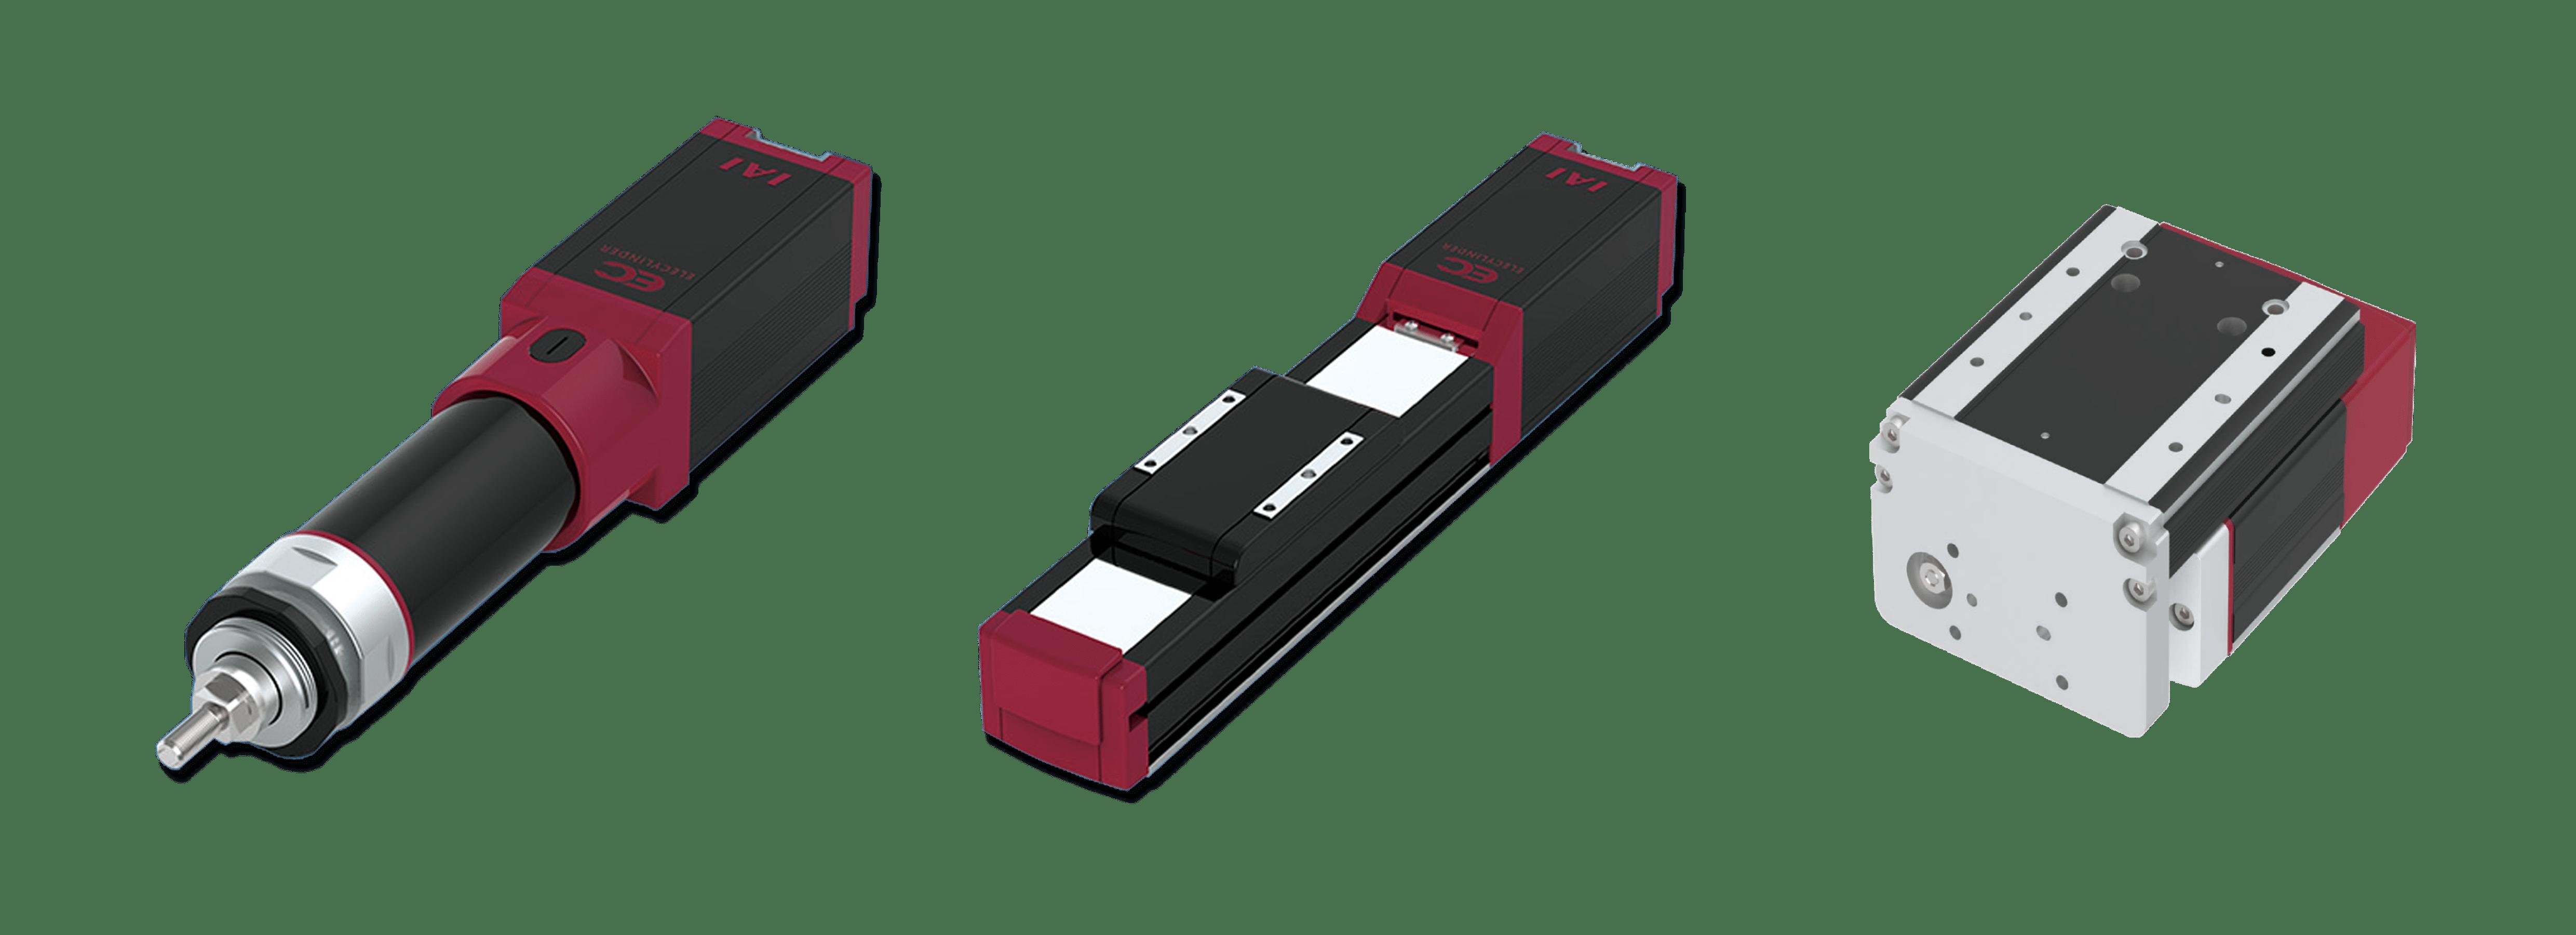 elecylinder iai intelligent actuator electric actuador larraioz elektronika vastago corredera mesa